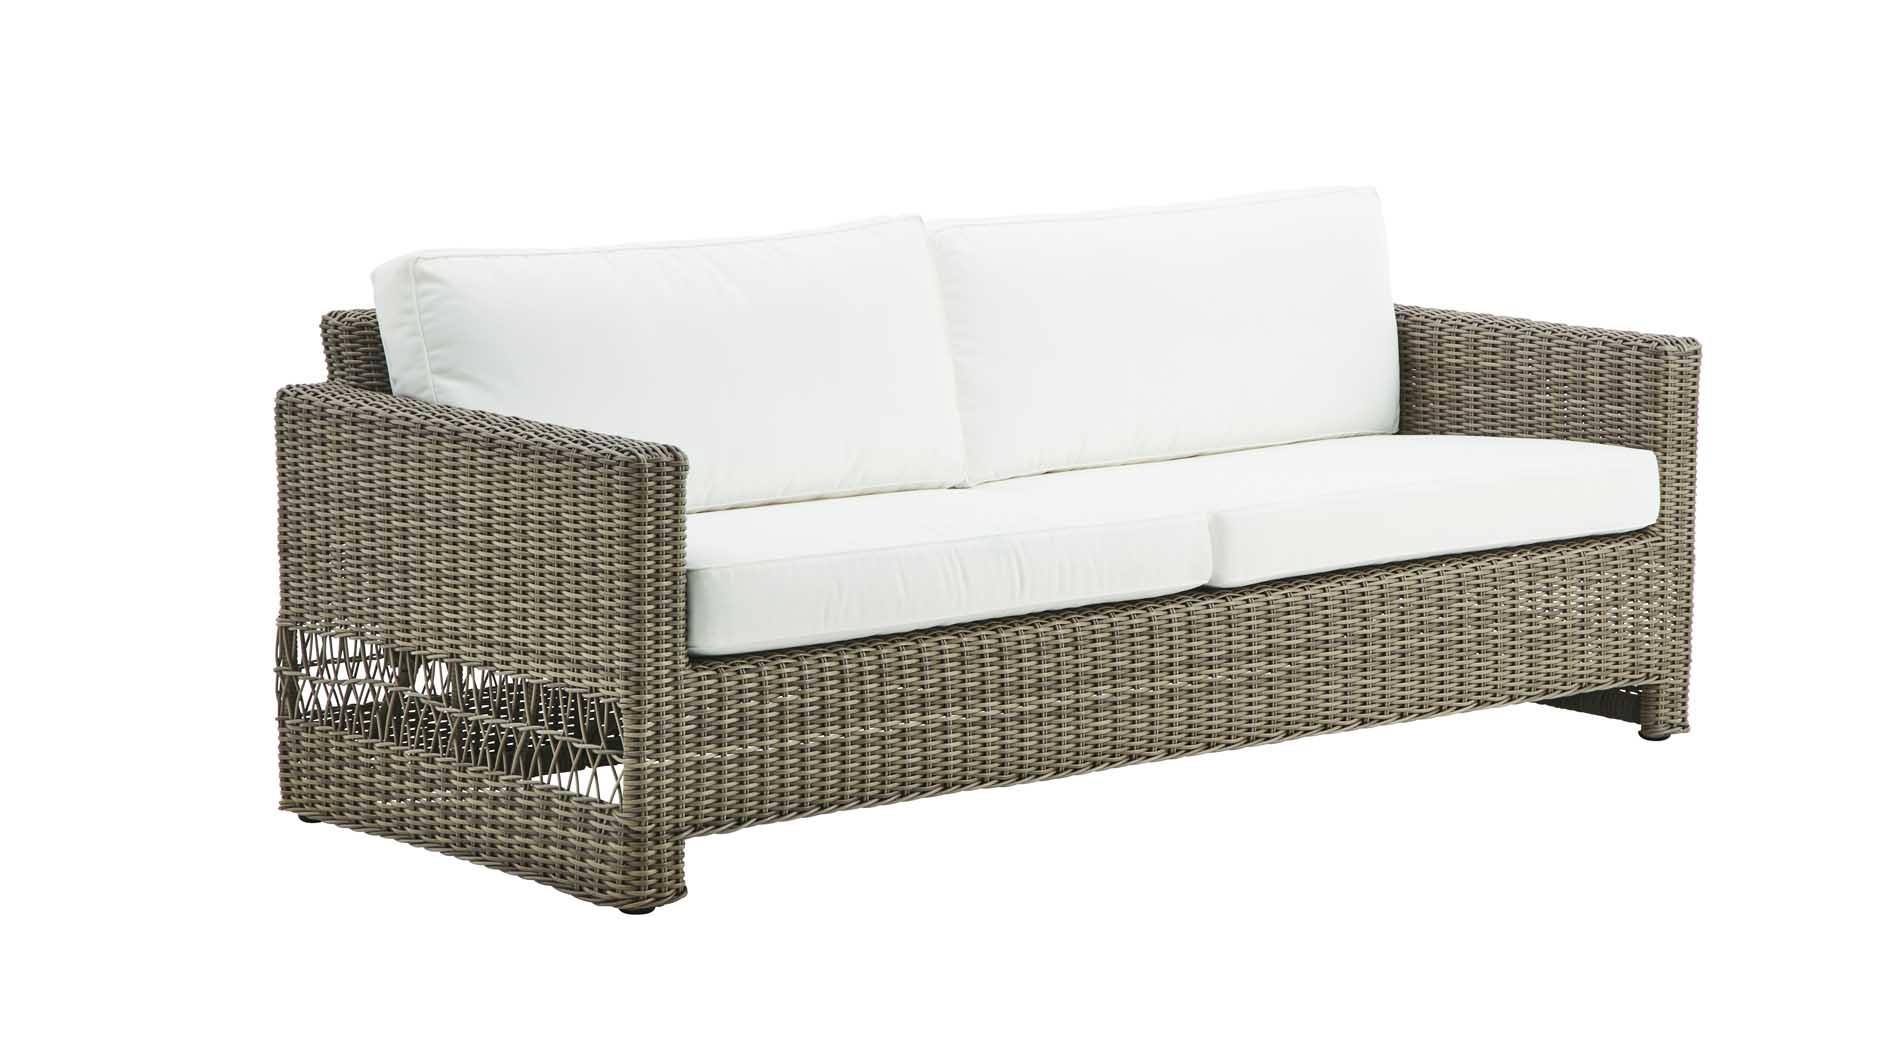 Canapé 3 places en aluminium et fibre synthétique taupe